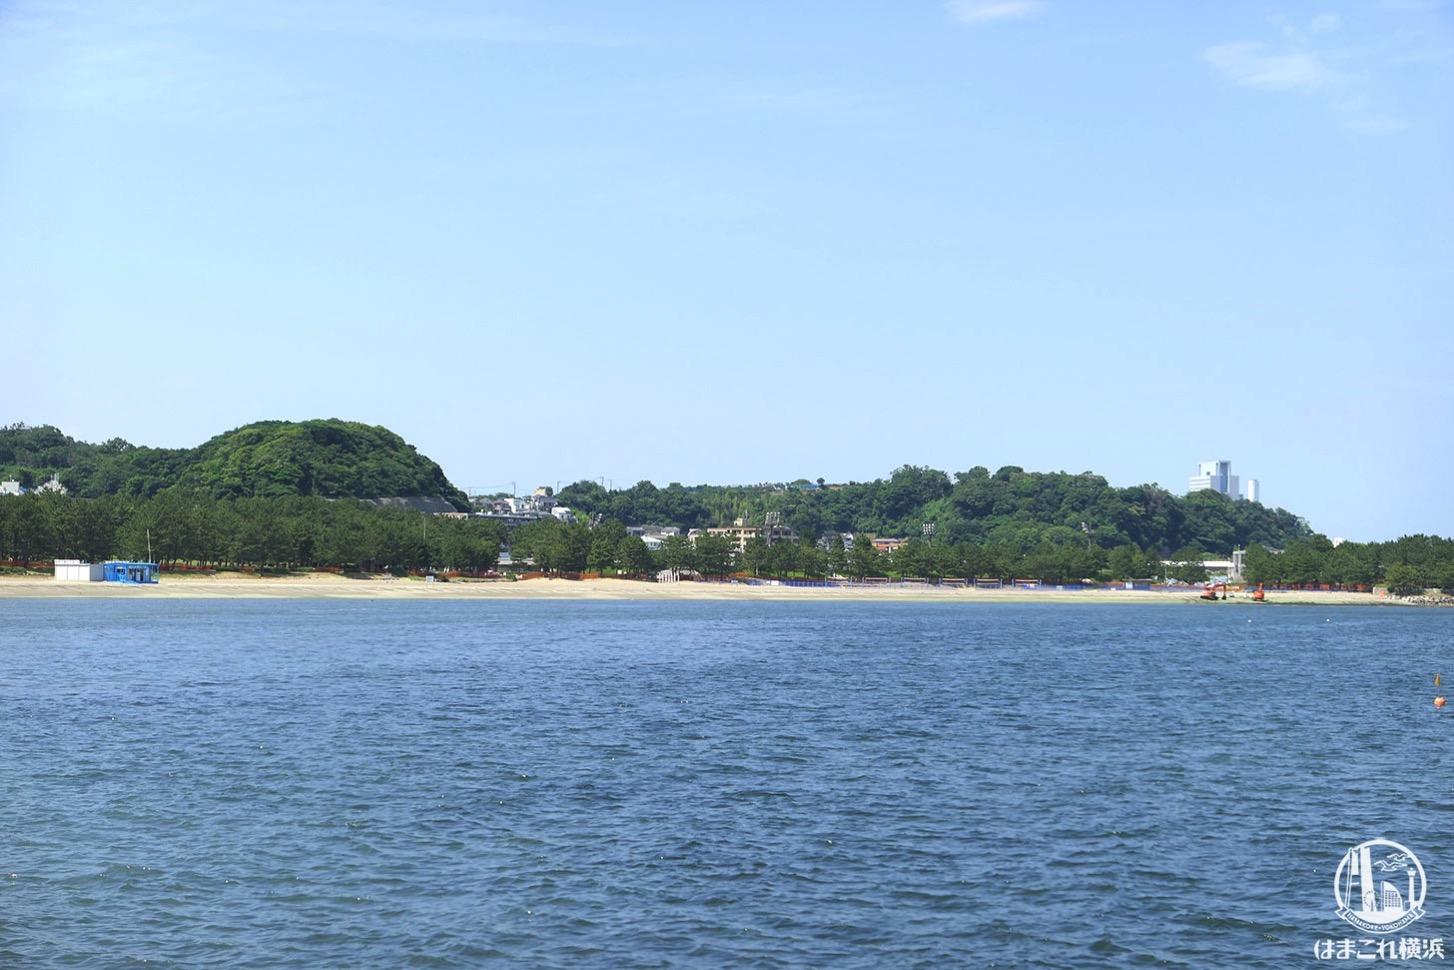 横浜市「海の公園」海水浴場の開設中止 神奈川県内の全海水浴場が開設中止に